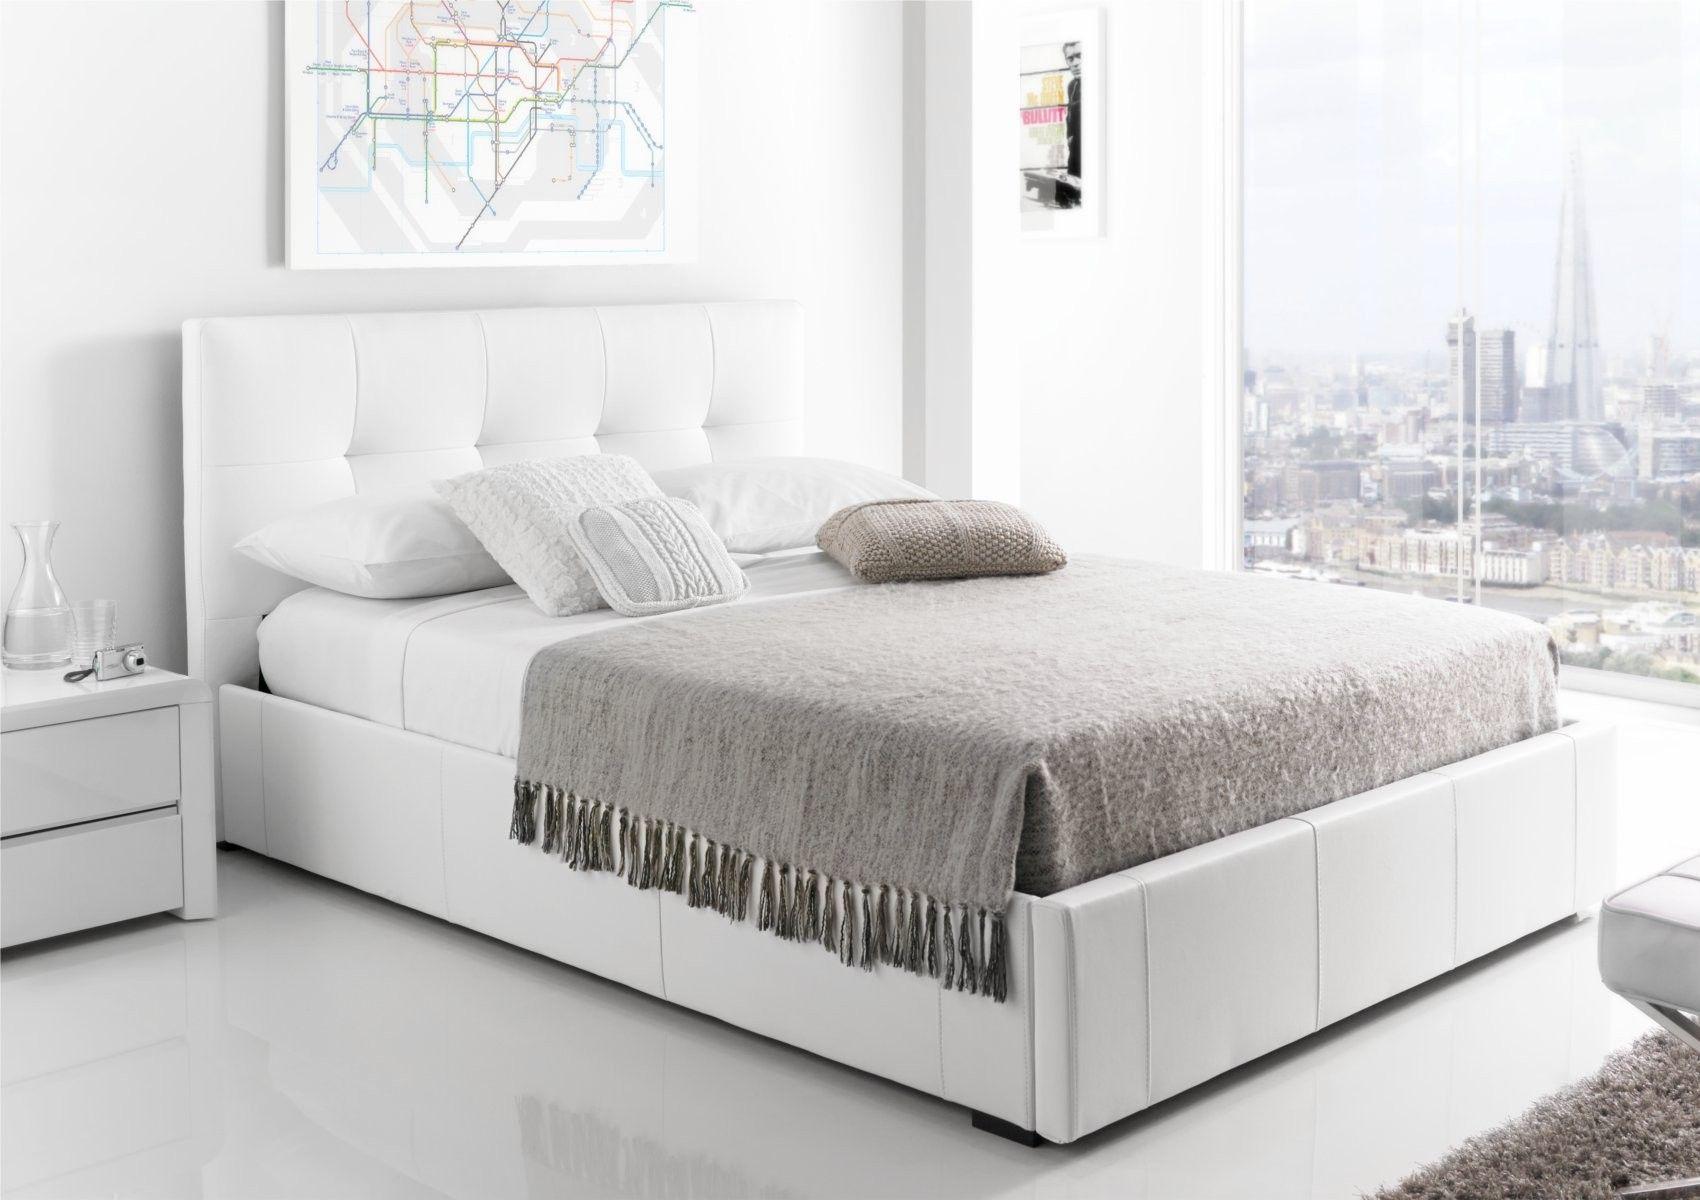 kaydian hexham upholstered storage drawer bed white leather storage beds beds - White Leather Bed Frame